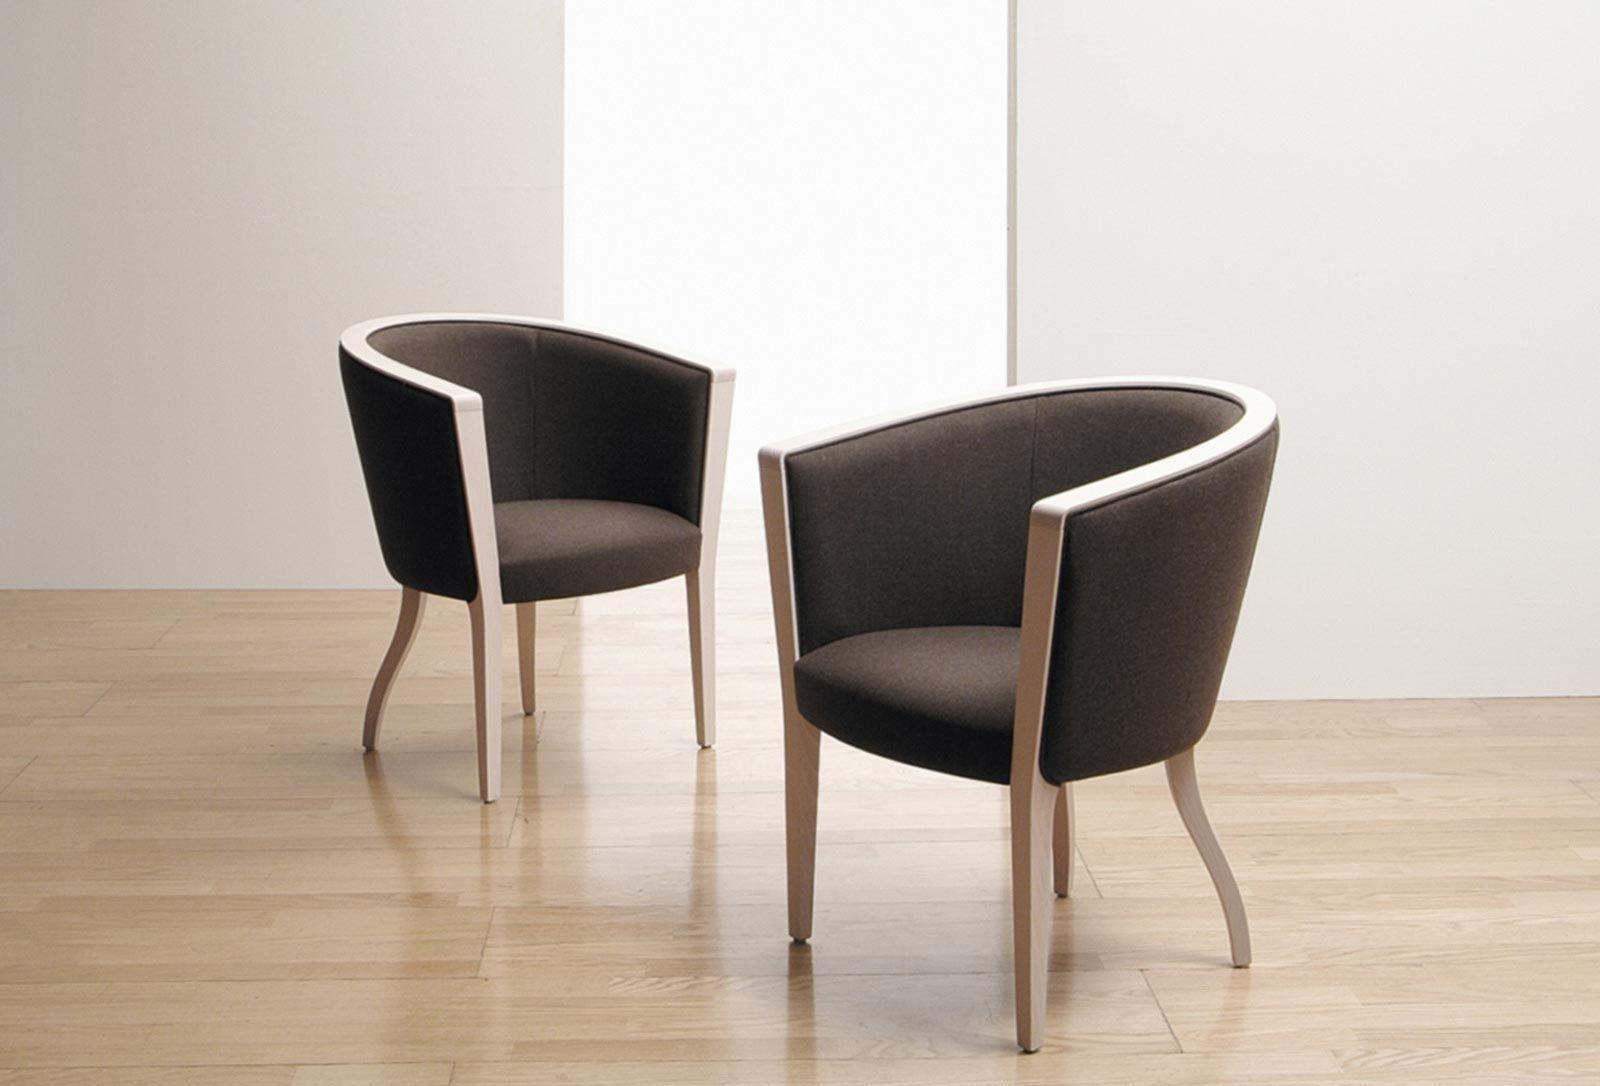 Résultat De Recherche Dimages Pour FAUTEUIL UNE PLACE FLY - Petit fauteuil moderne